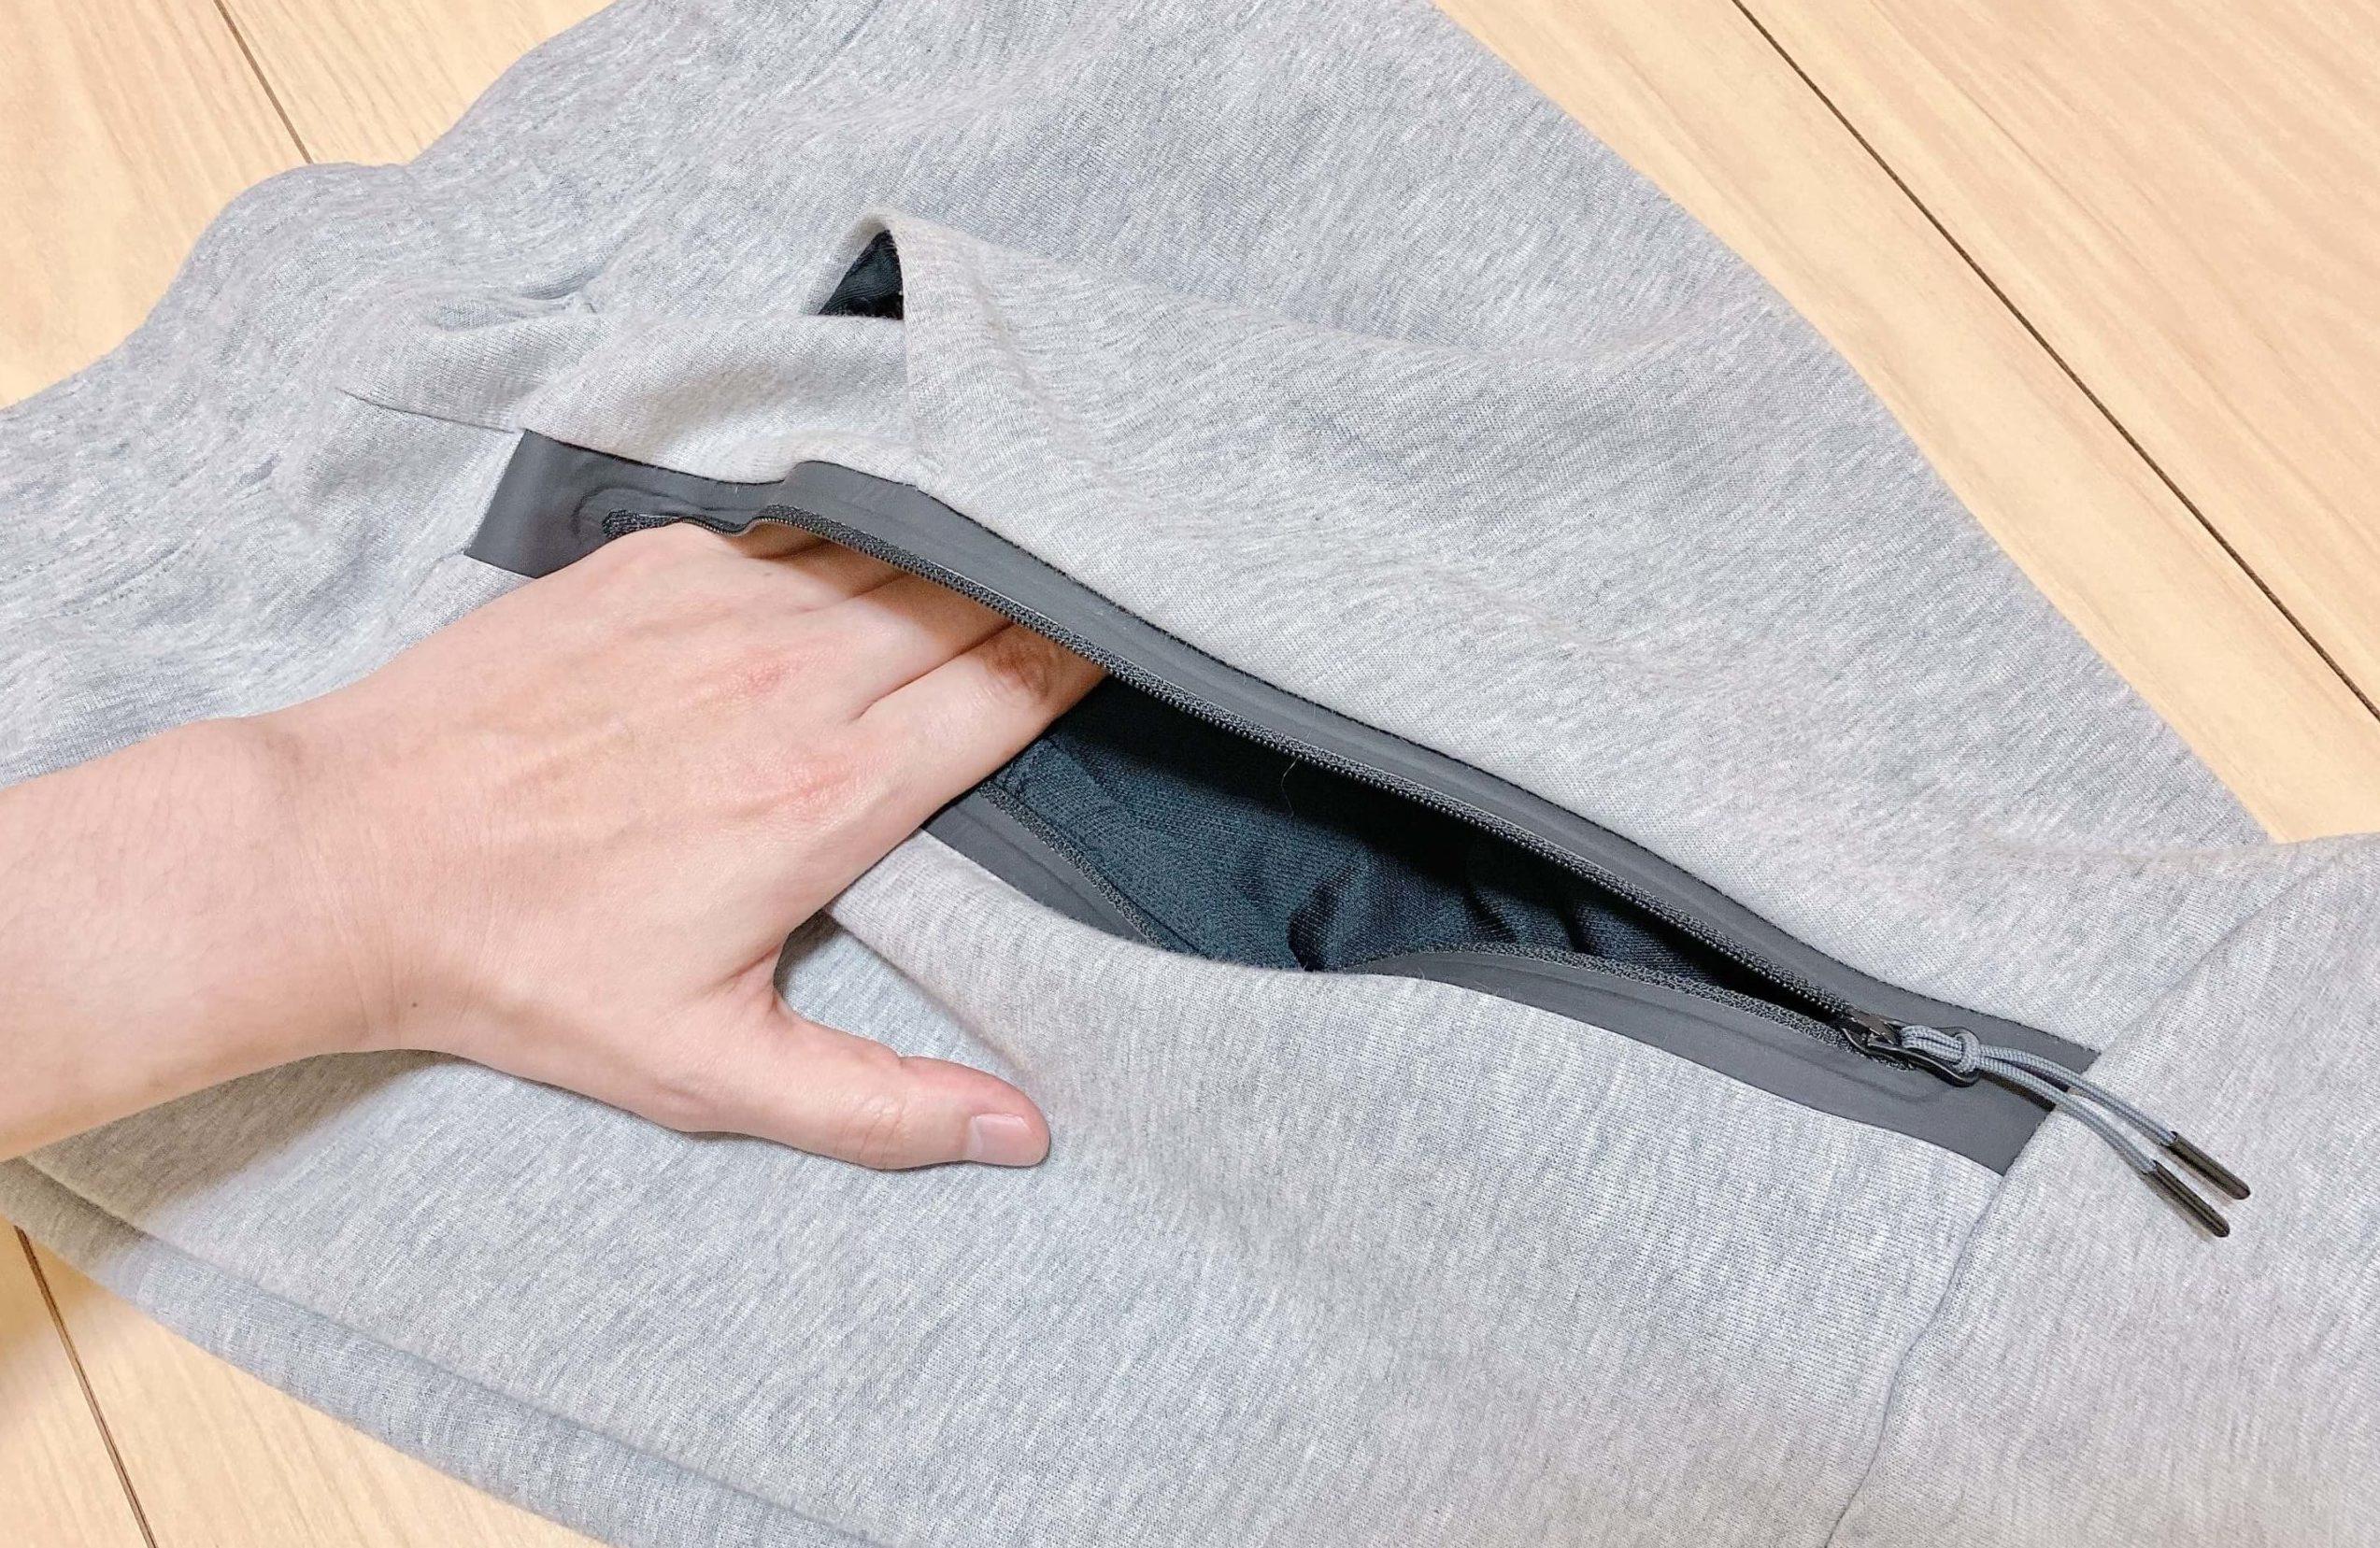 テックフリースジョガーパンツのジッパー付ポケットを解説